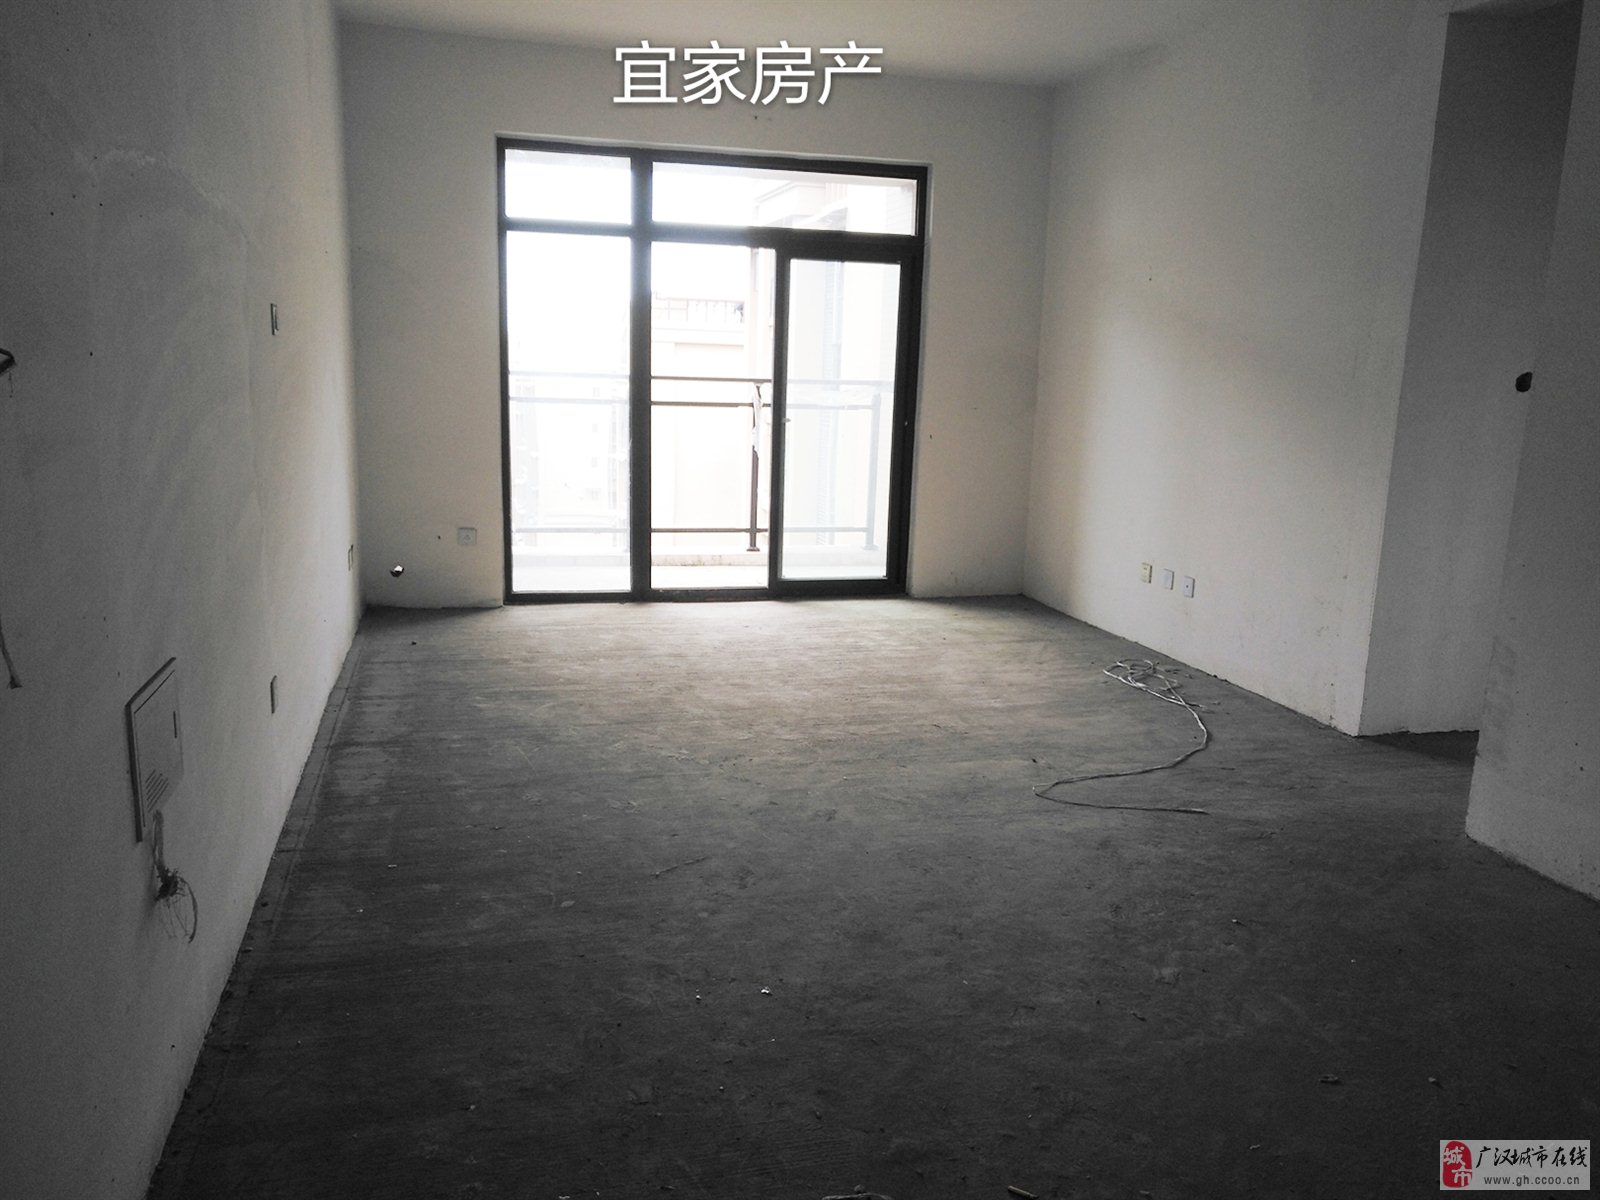 香港花园电梯高层3套2双卫清水房出售